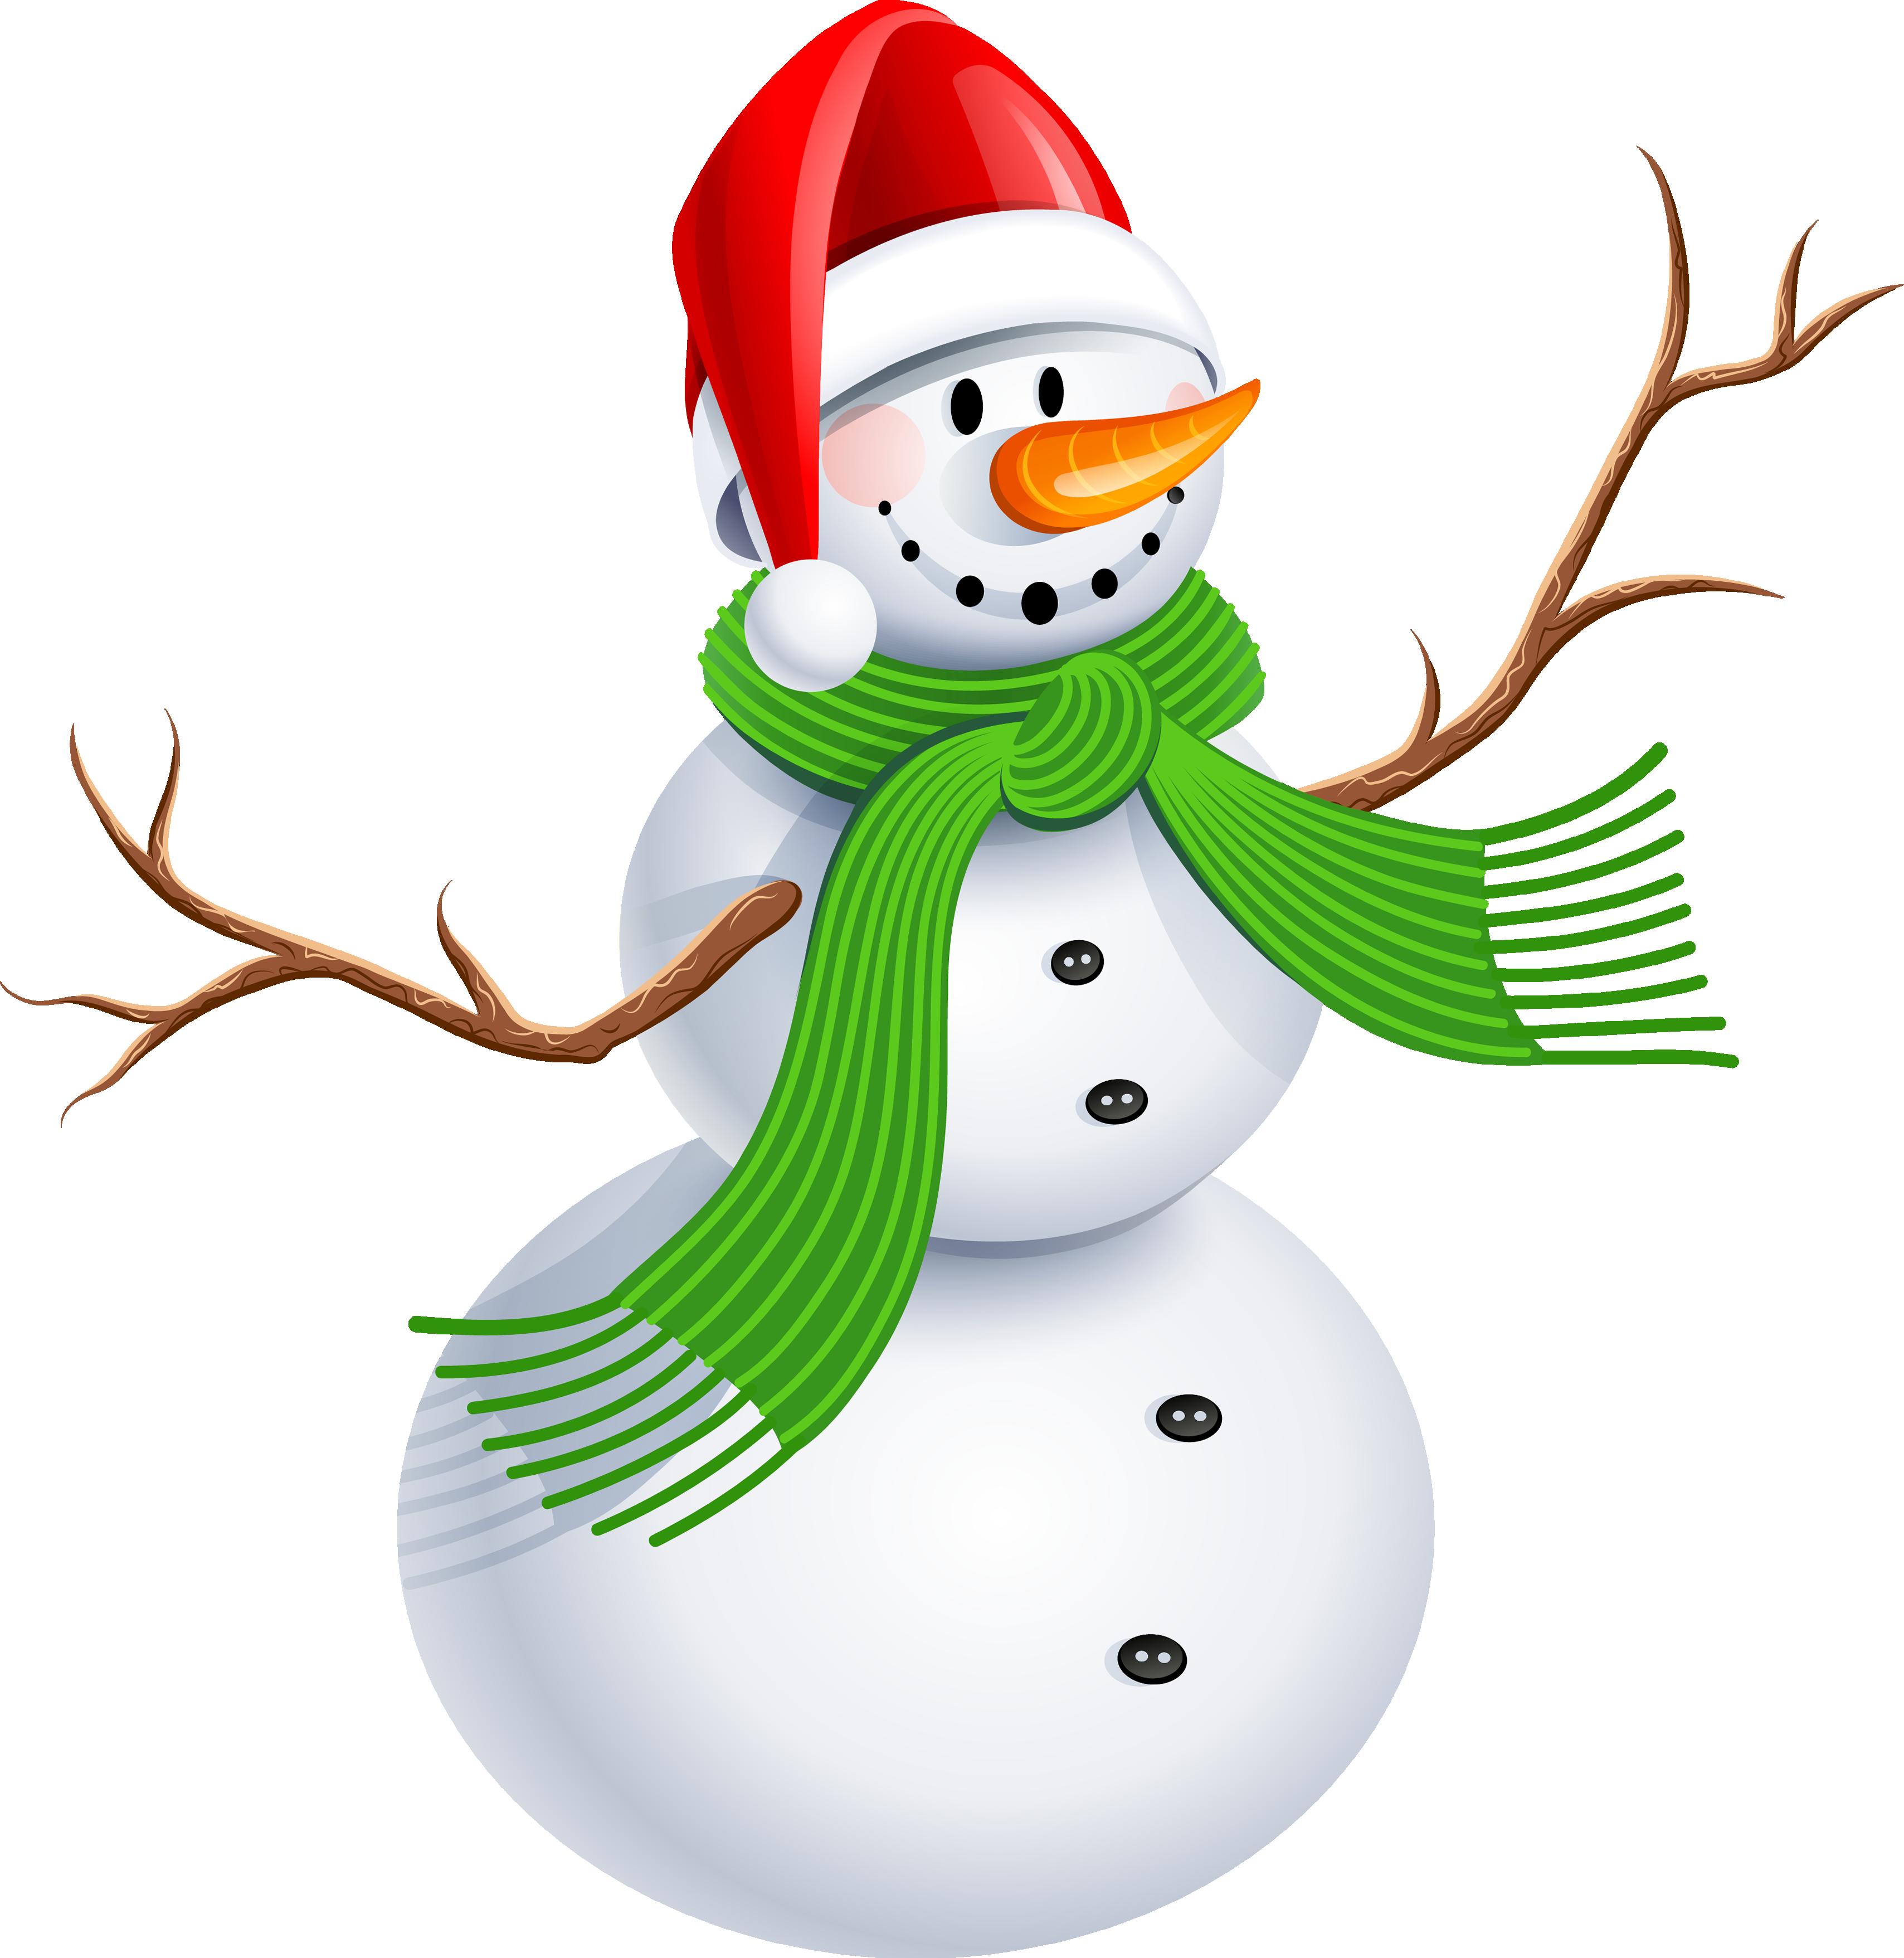 Snowman Png Image Snowman Clipart Christmas Snowman Clip Art